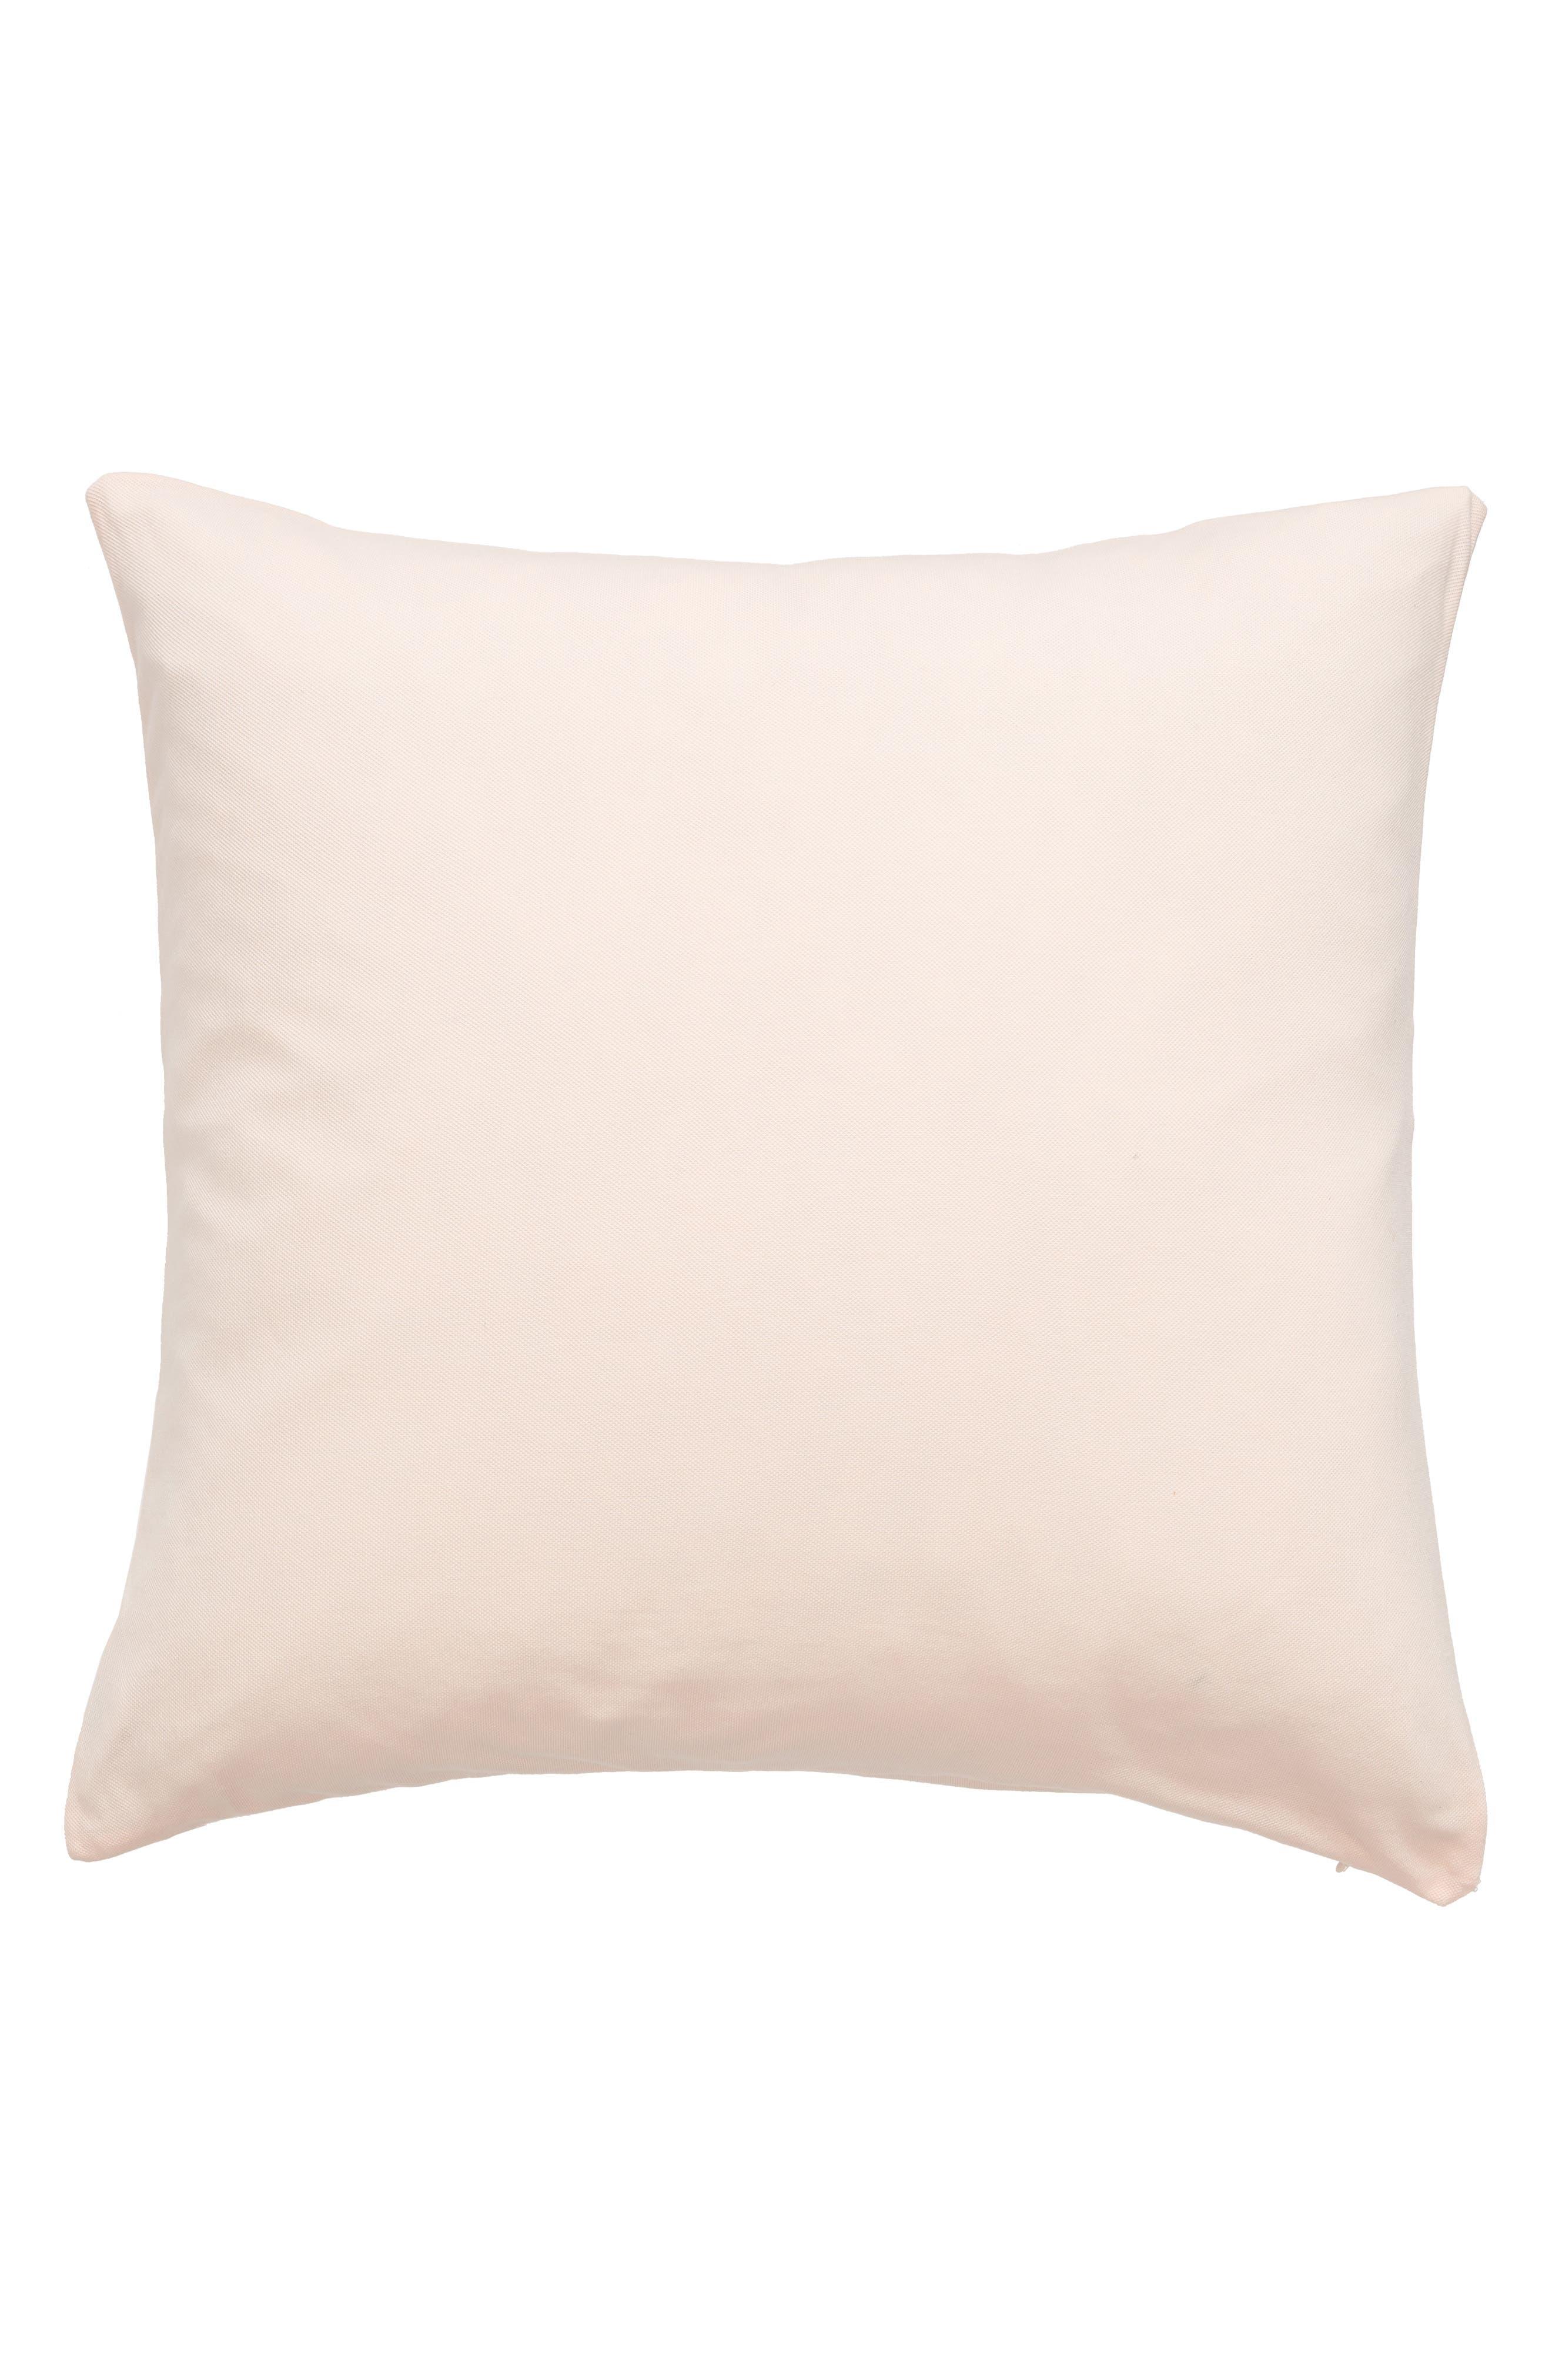 Calvin Klein Home Jacob Accent Pillow